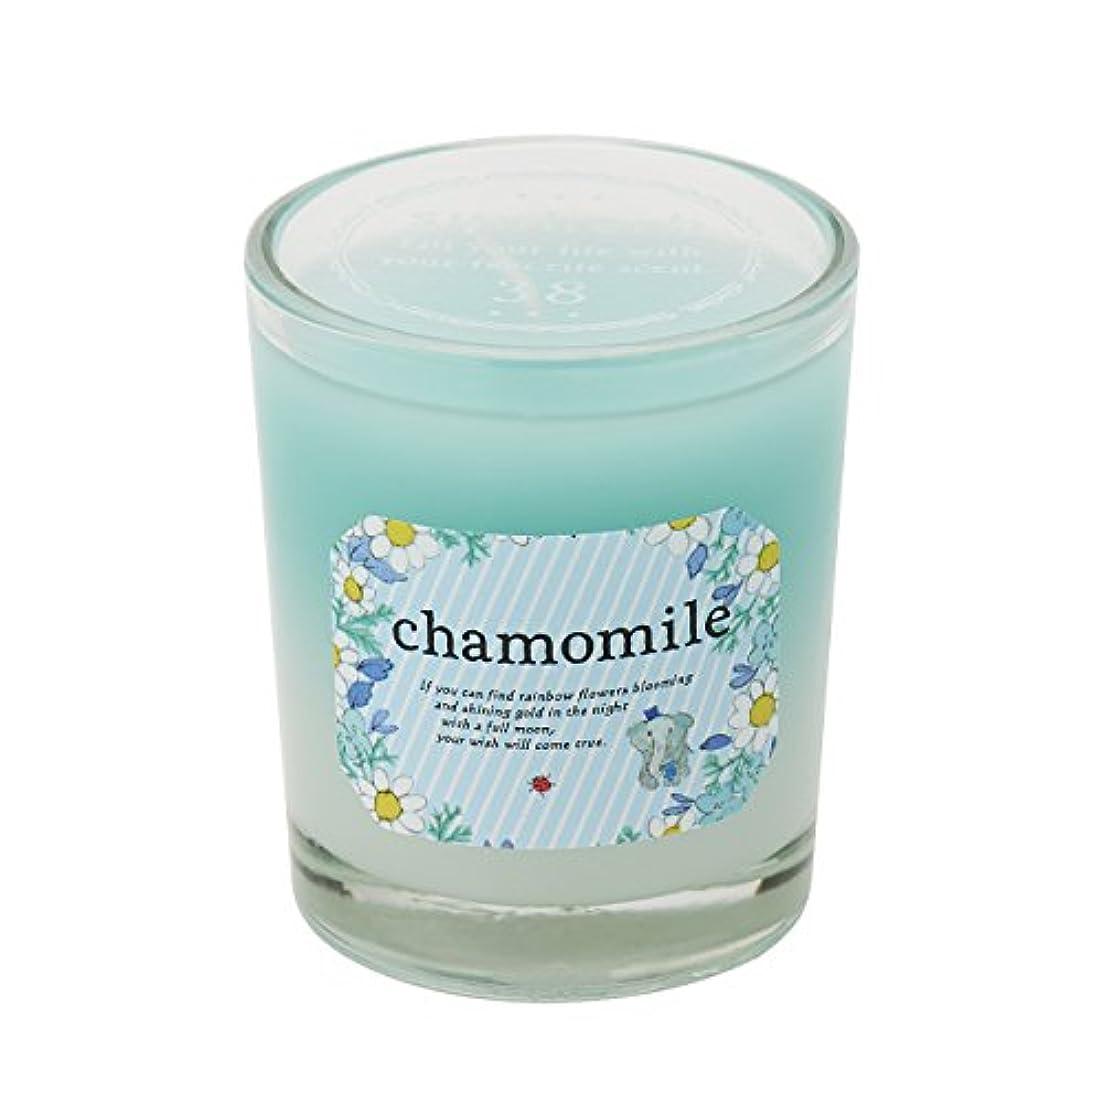 に渡って屋内で空中サンハーブ グラスキャンドル カモマイル 35g(グラデーションろうそく 燃焼時間約10時間 やさしく穏やかな甘い香り)